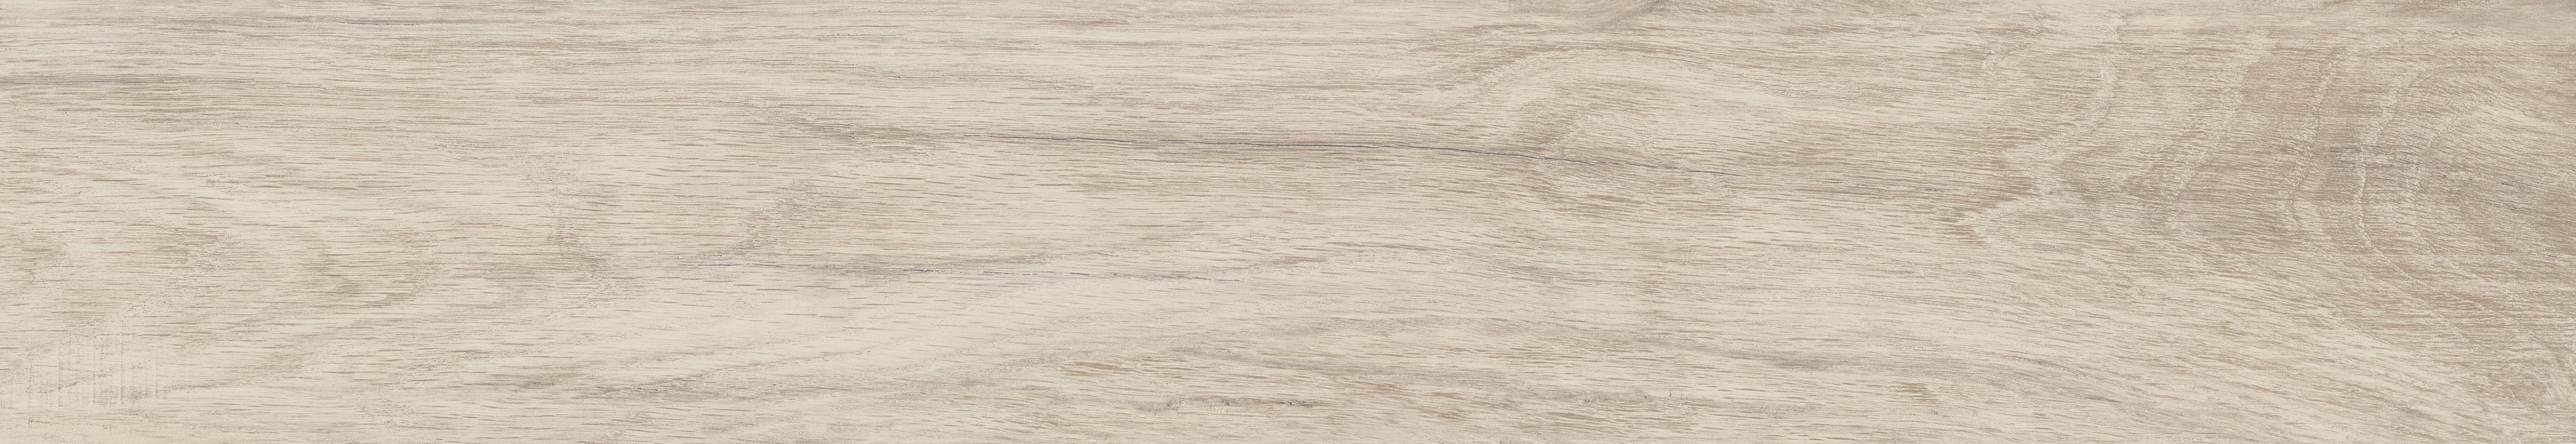 Плитка Allwood Bianco (zzxwu1r) изображение 5